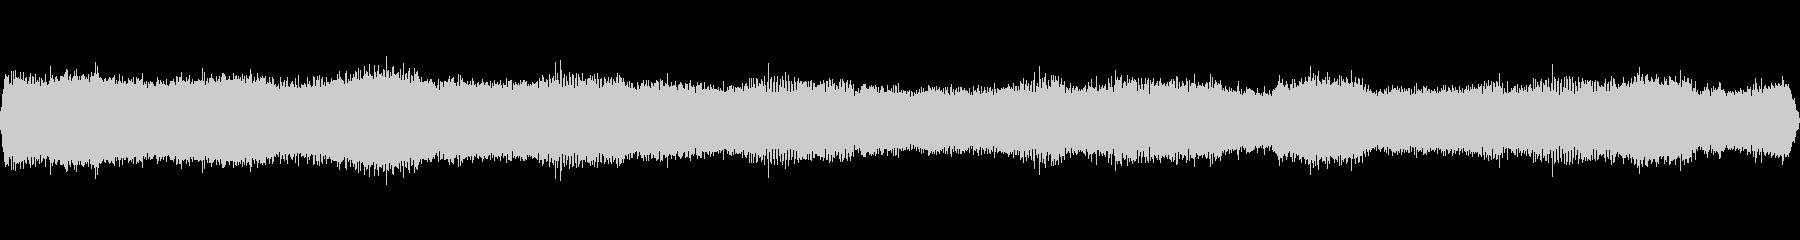 クマゼミの鳴き声-1の未再生の波形